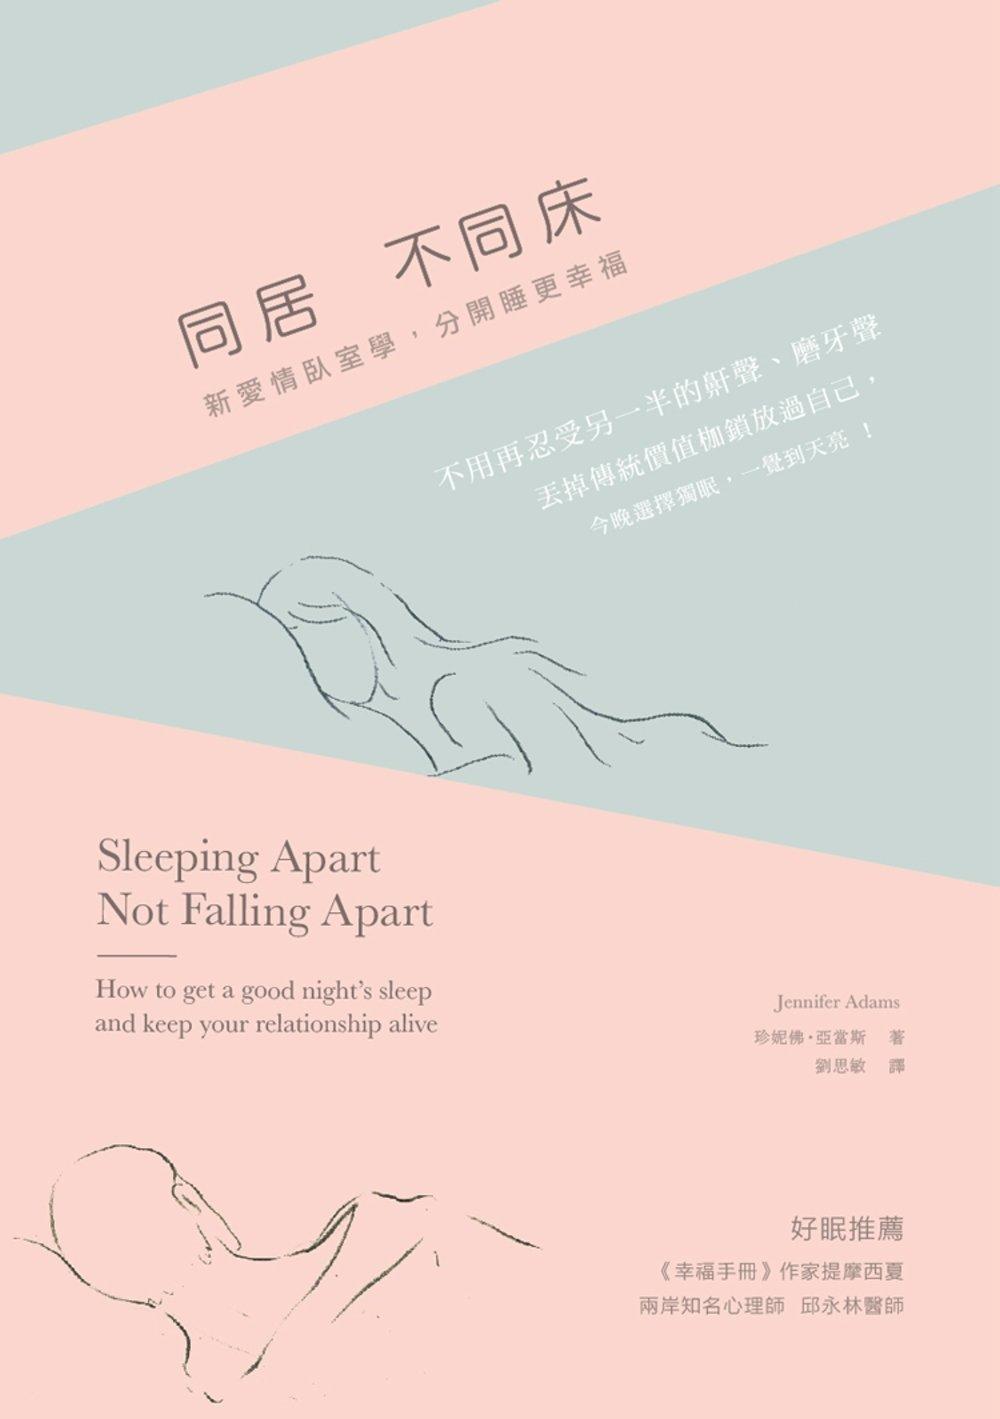 同居不同床:新愛情臥室學,分開睡更幸福!